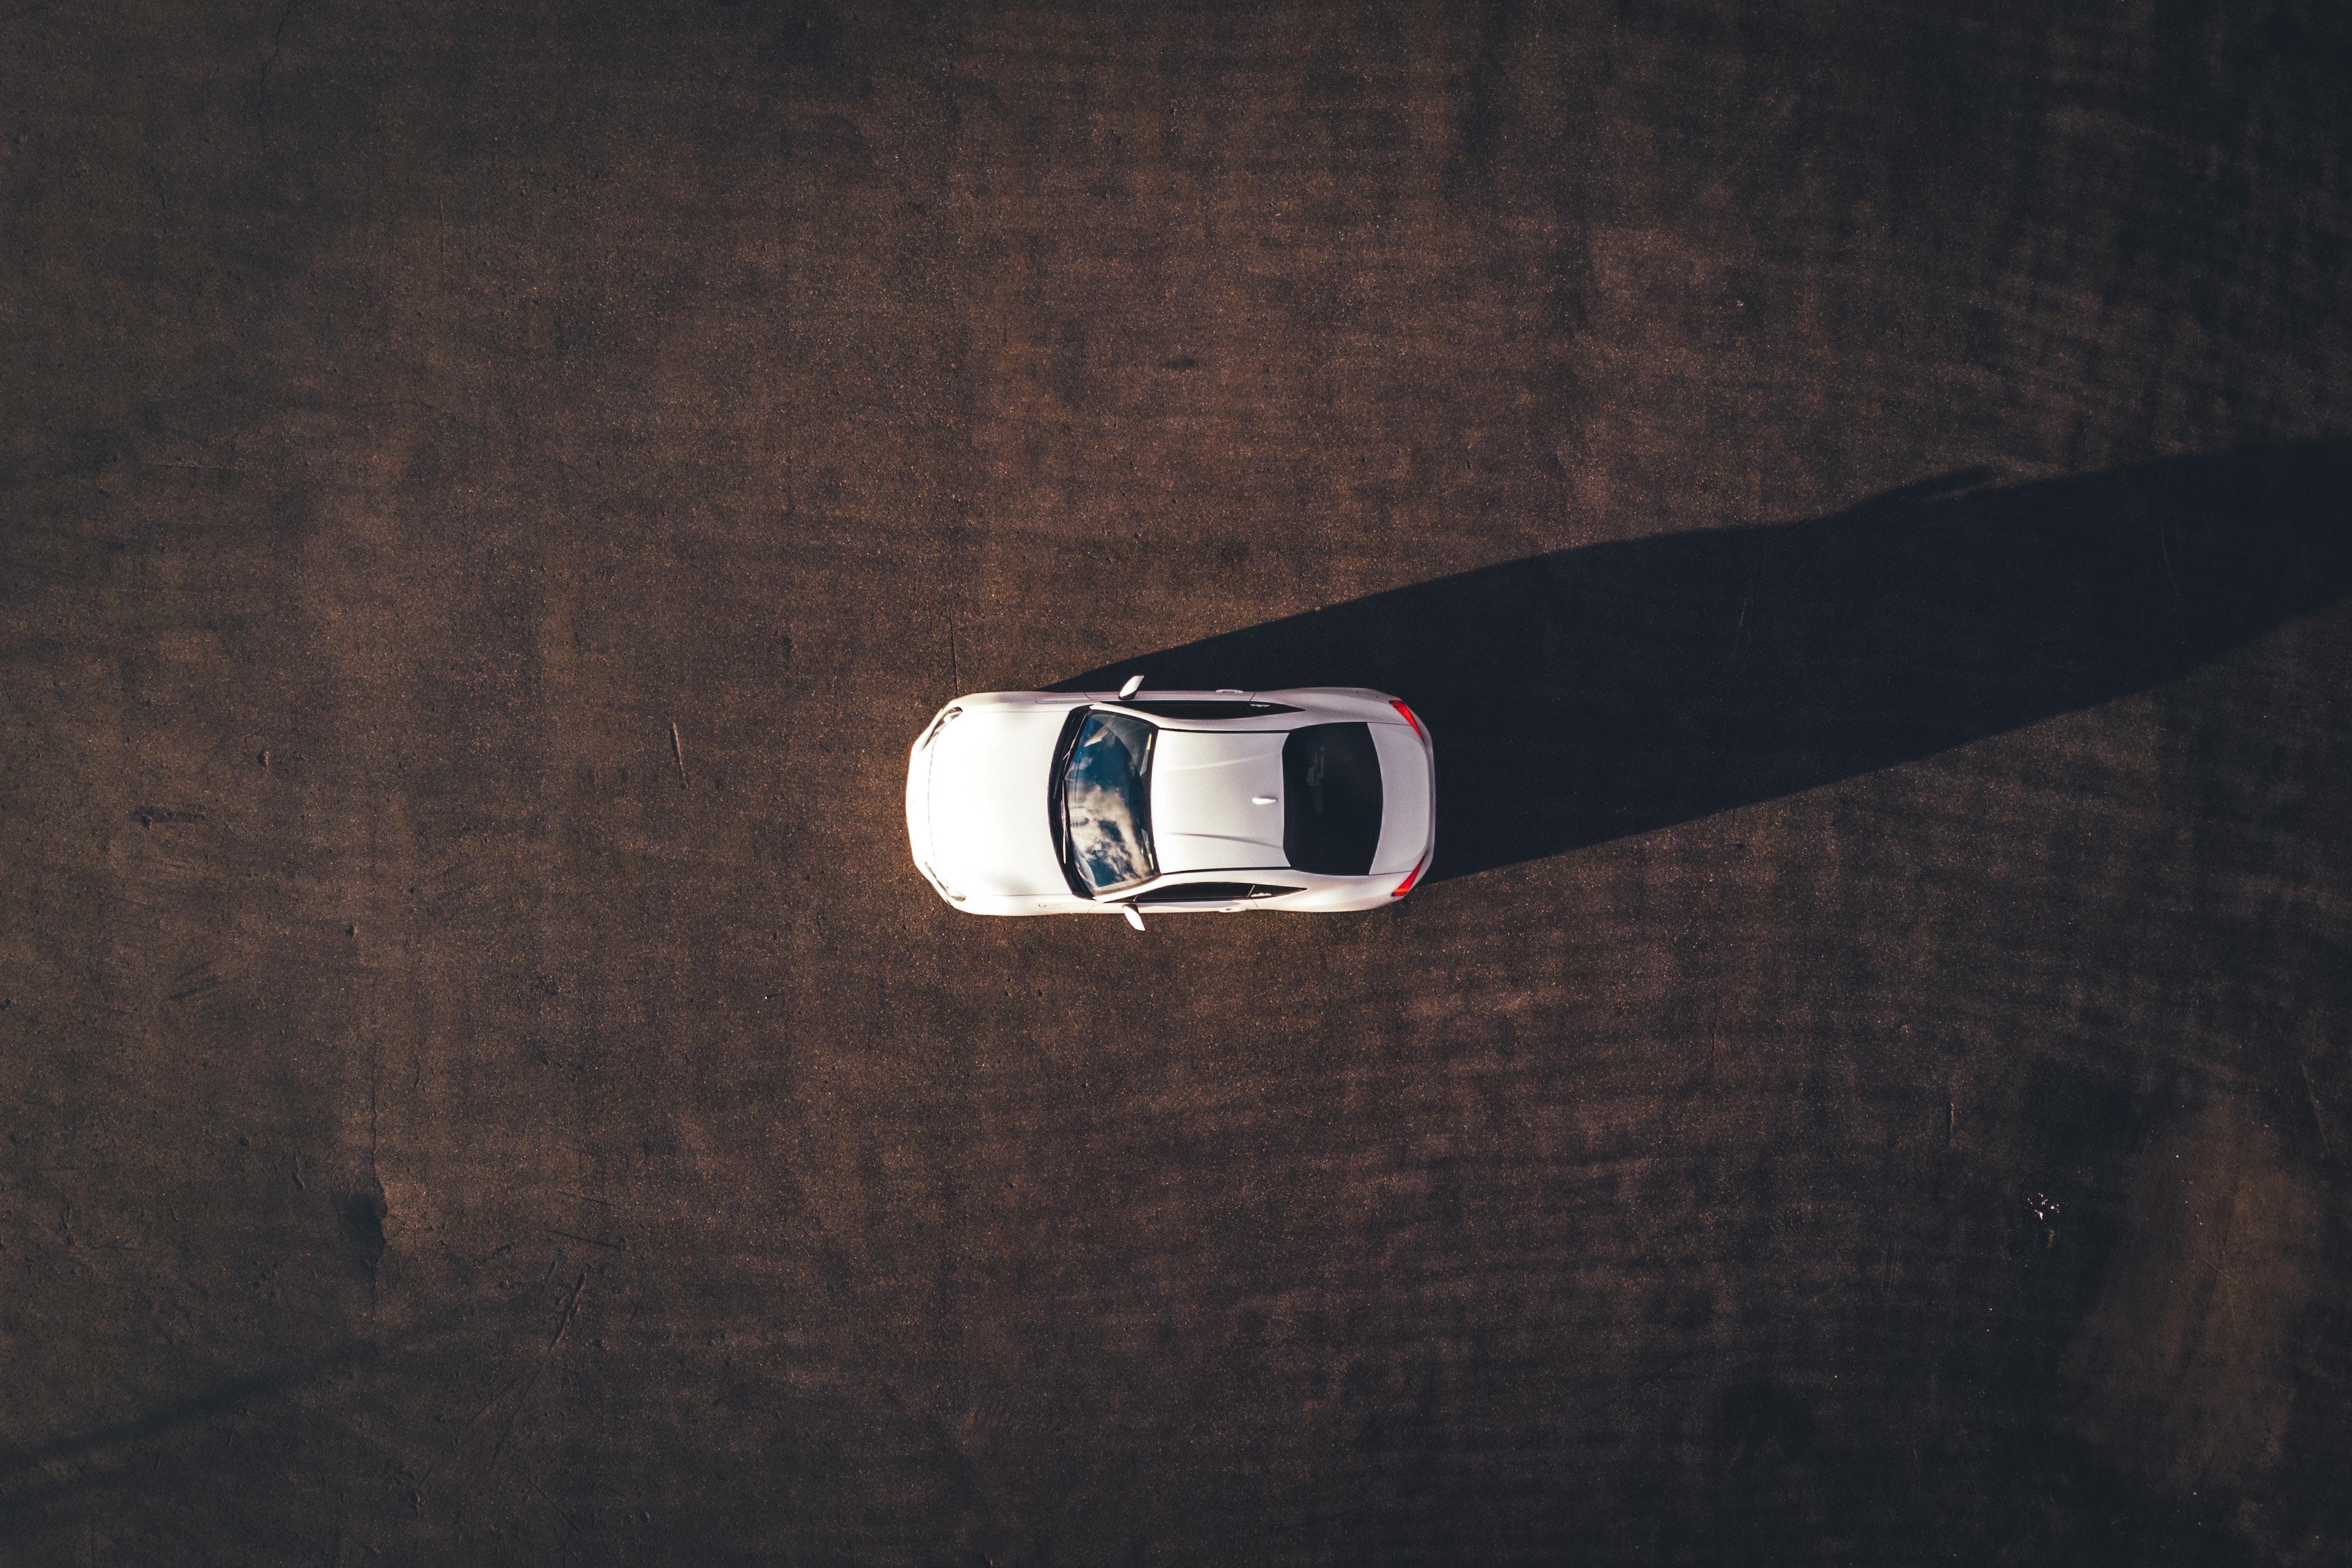 长安汽车:多维度立体客户画像赋能销售精准跟进